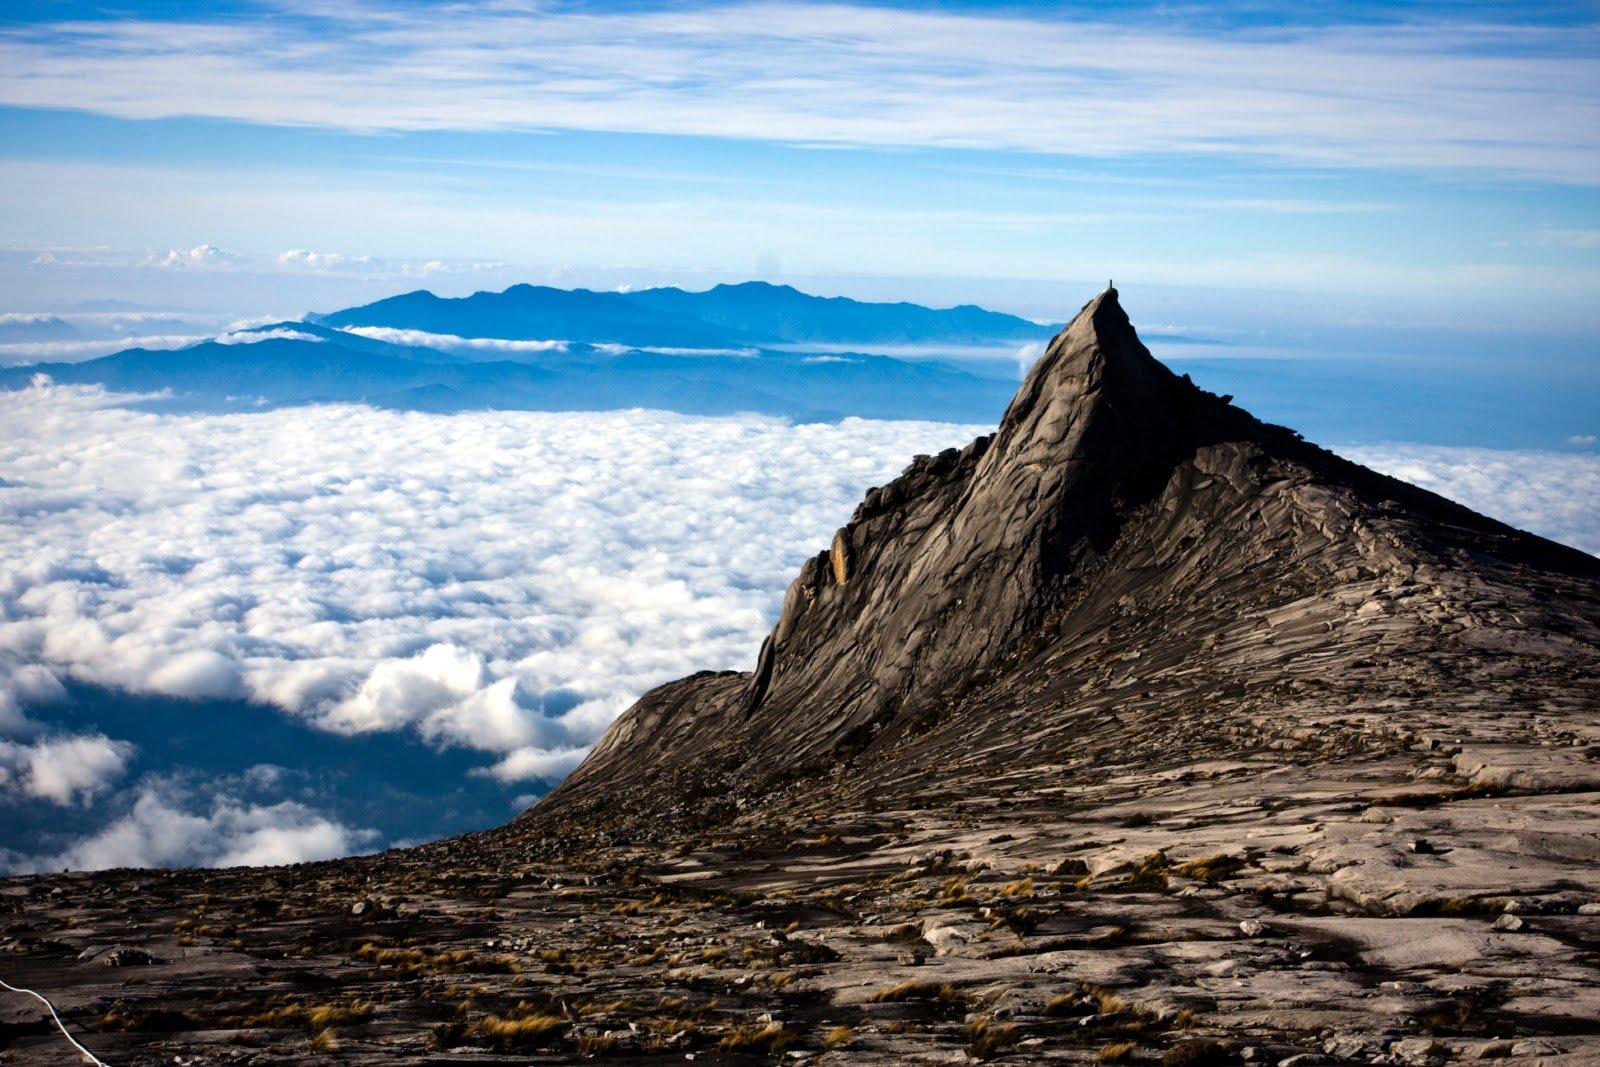 同じ地球のものとは思えない摩訶不思議すぎる神秘の島「ソコトラ島」